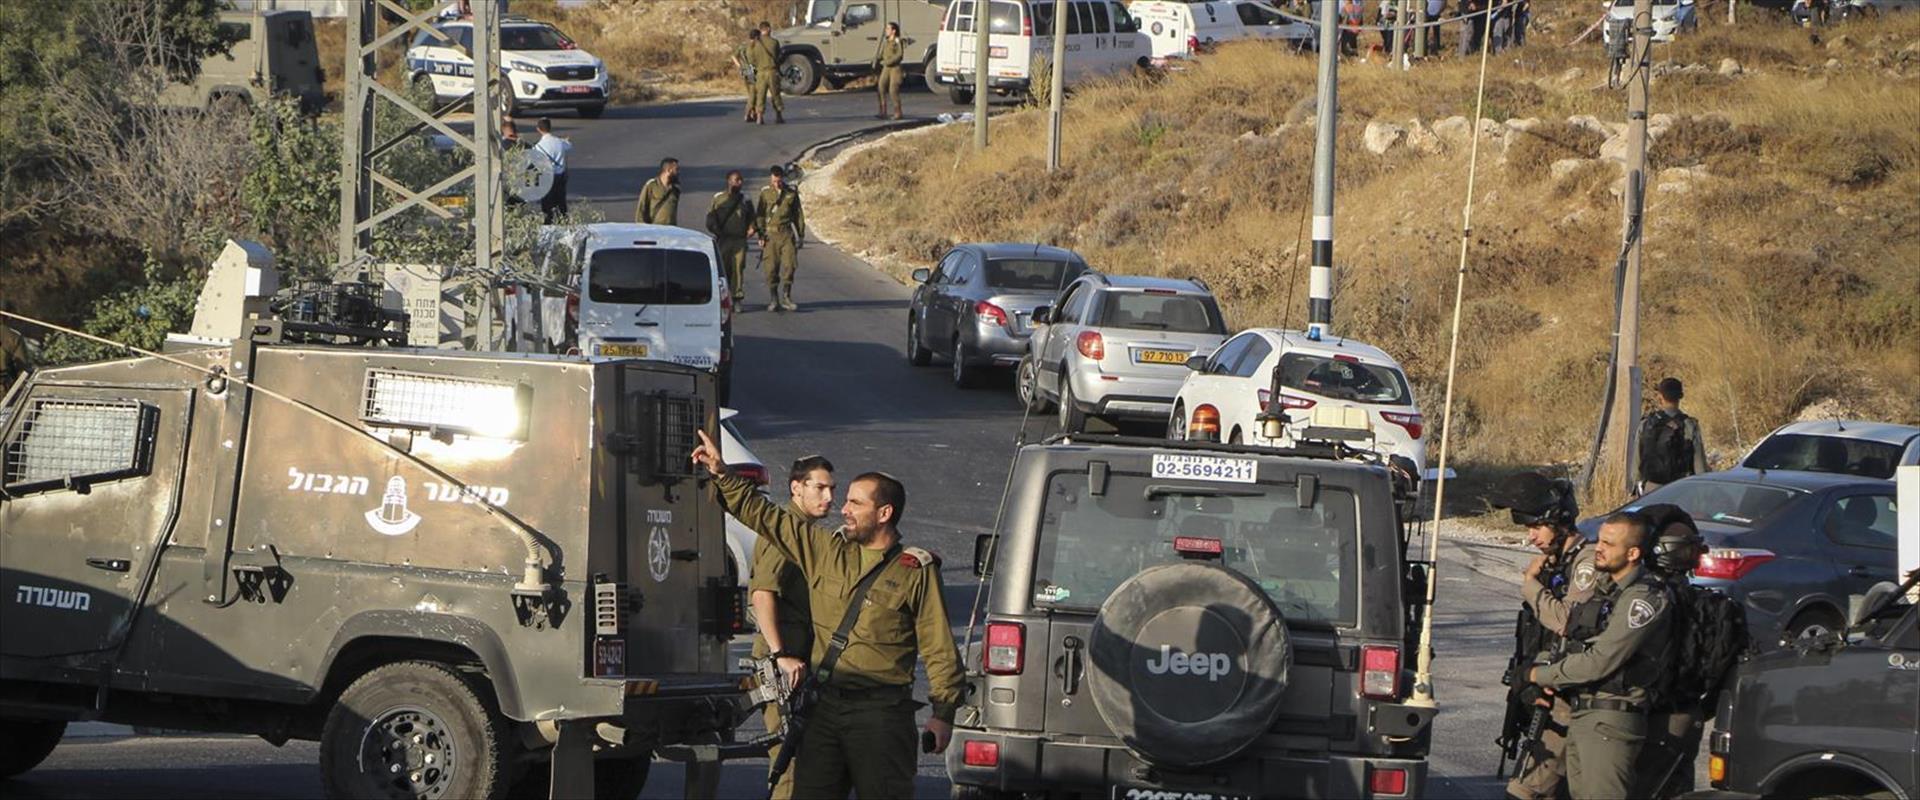 """כוחות צה""""ל במקום הפיגוע בגוש עציון, הבוקר"""